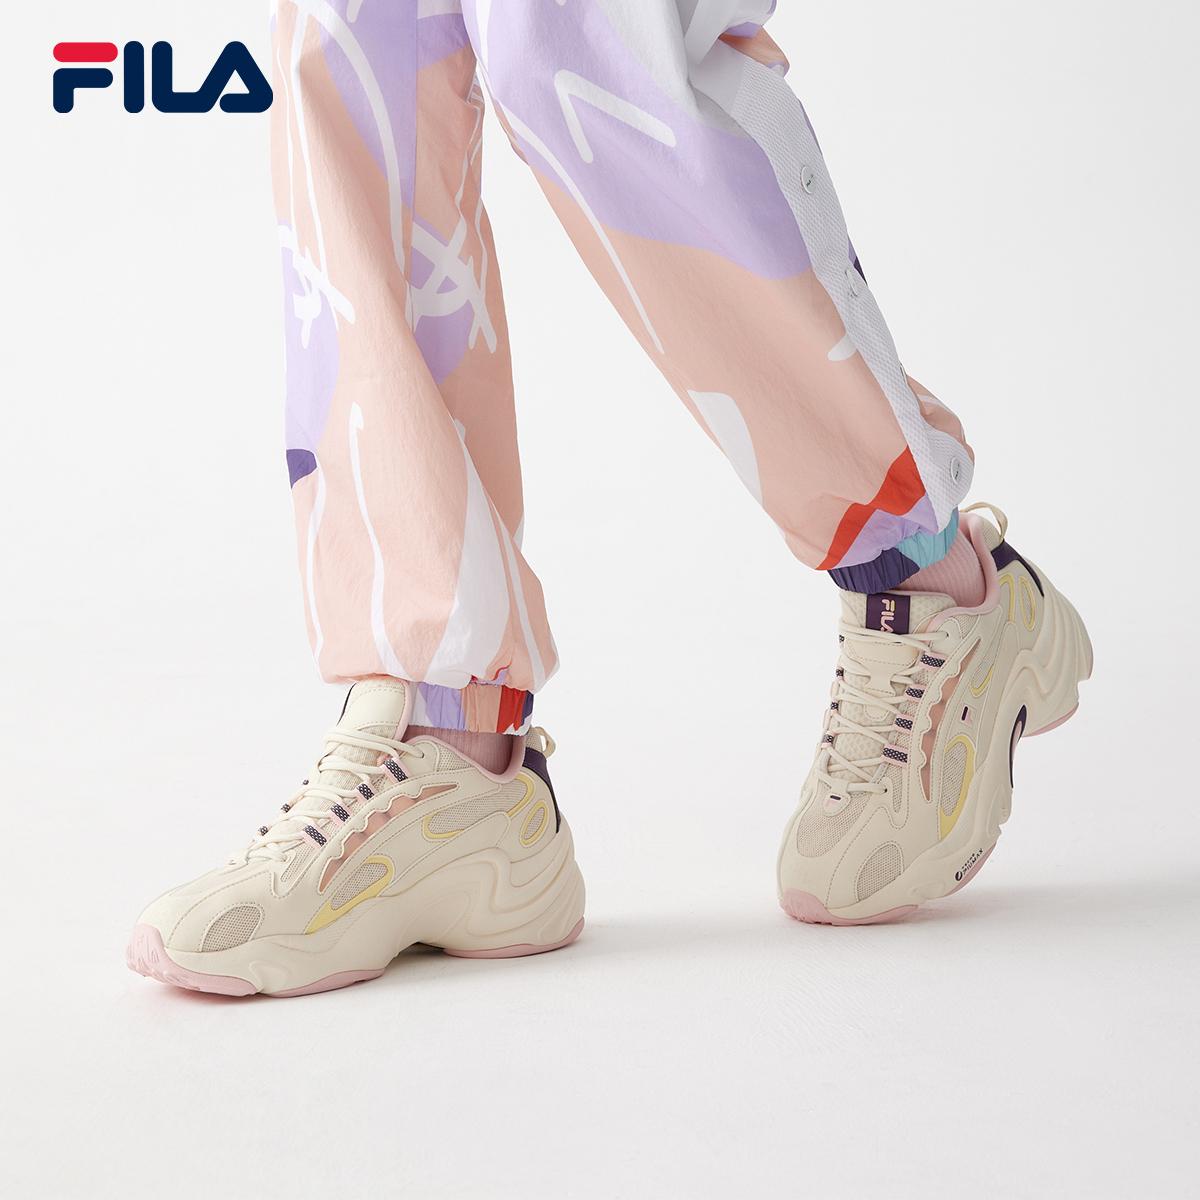 FILA FUSIONสตรีรองเท้าวิ่งย้อนยุค2021ฤดูใบไม้ผลิและฤดูร้อนใหม่เสือดาวรองเท้ากีฬารองเท้าเก่า